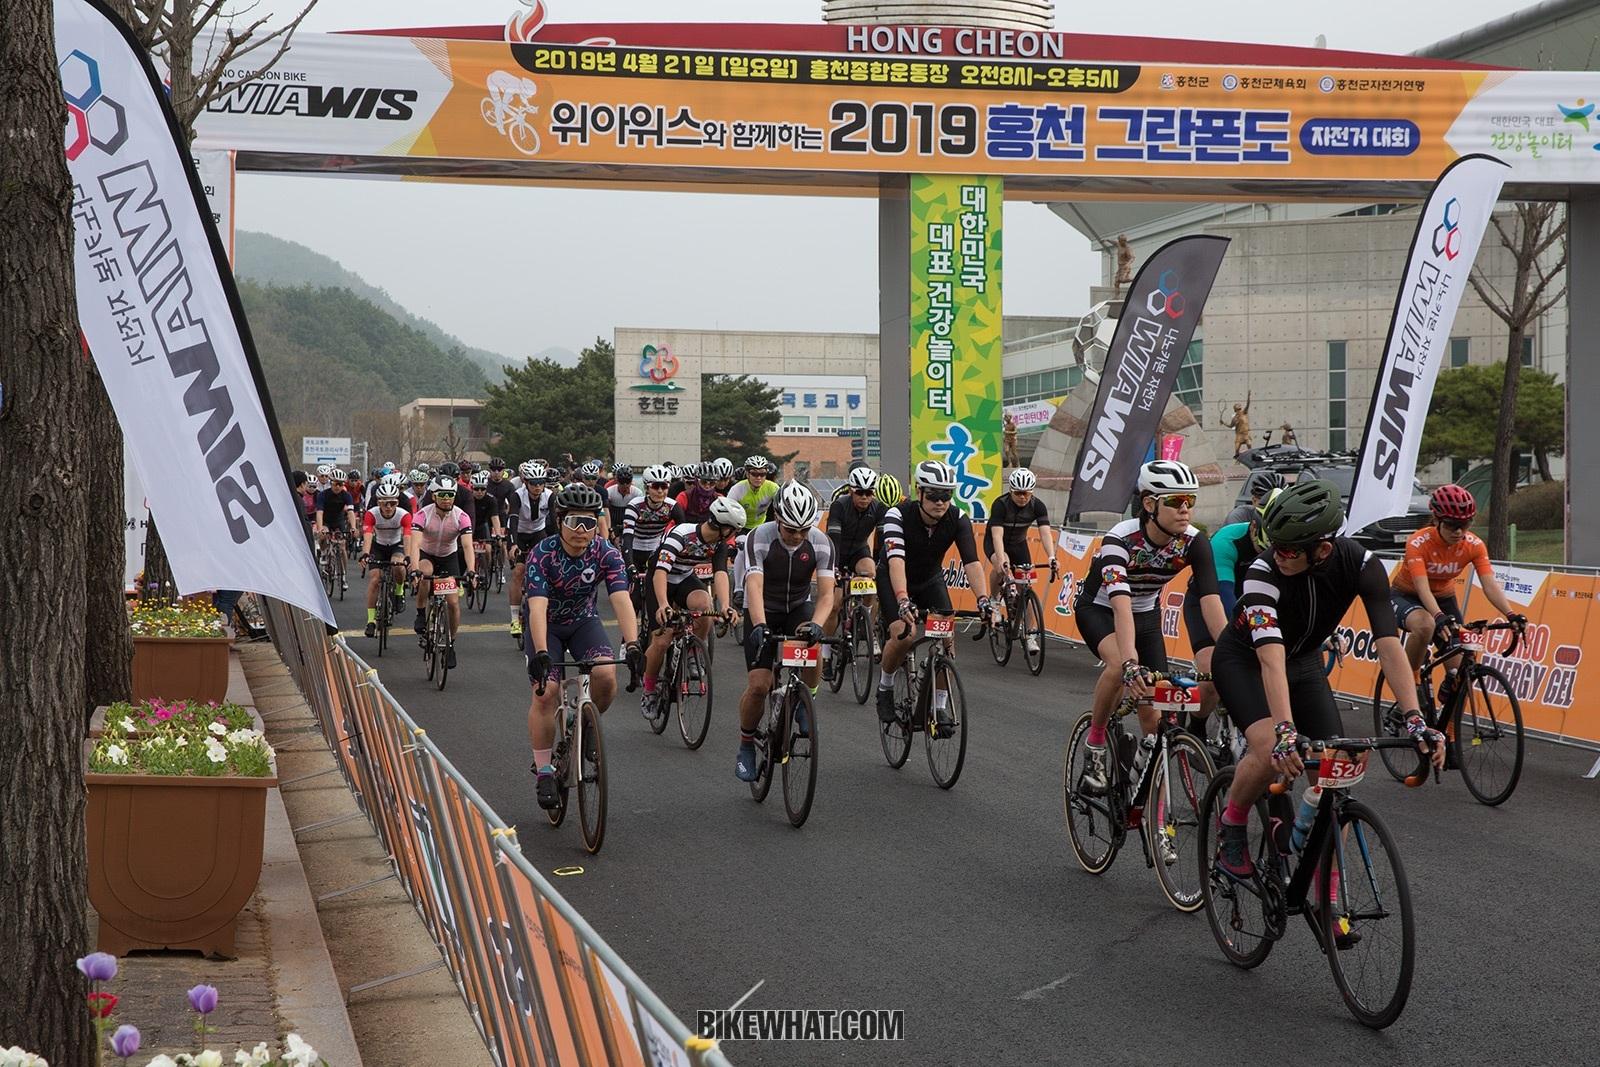 news_wiawis_hongscheon_3.jpg